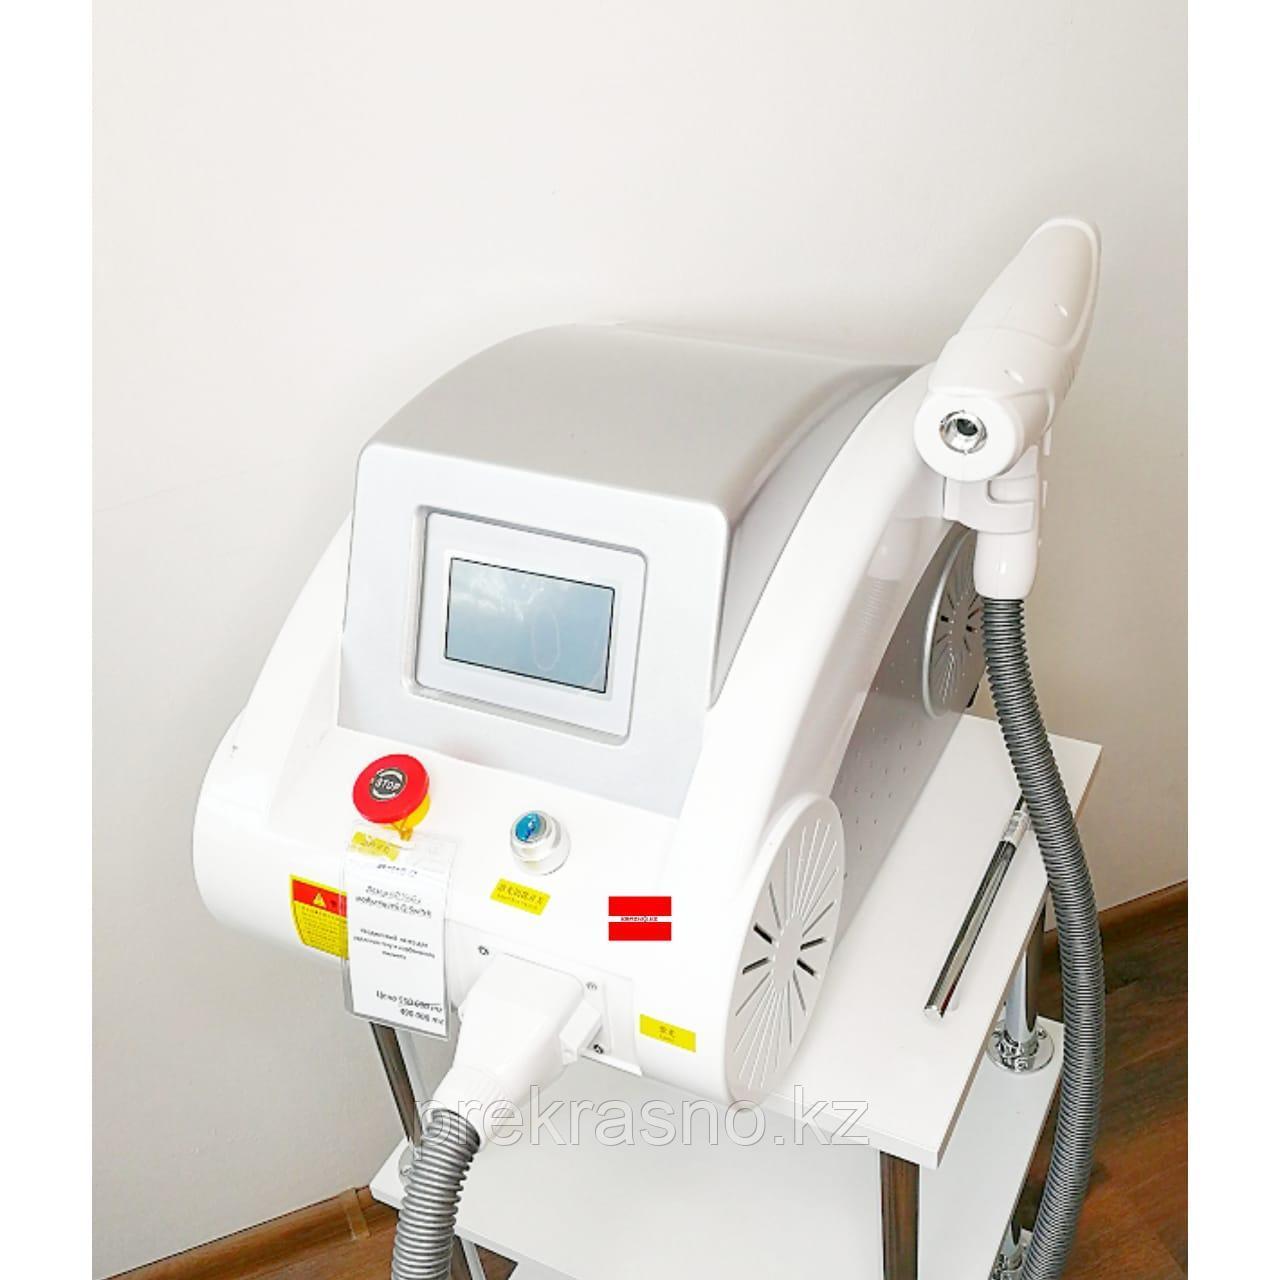 Лазер ND YAG неодимовый для удаления тату и карбонового пилинга